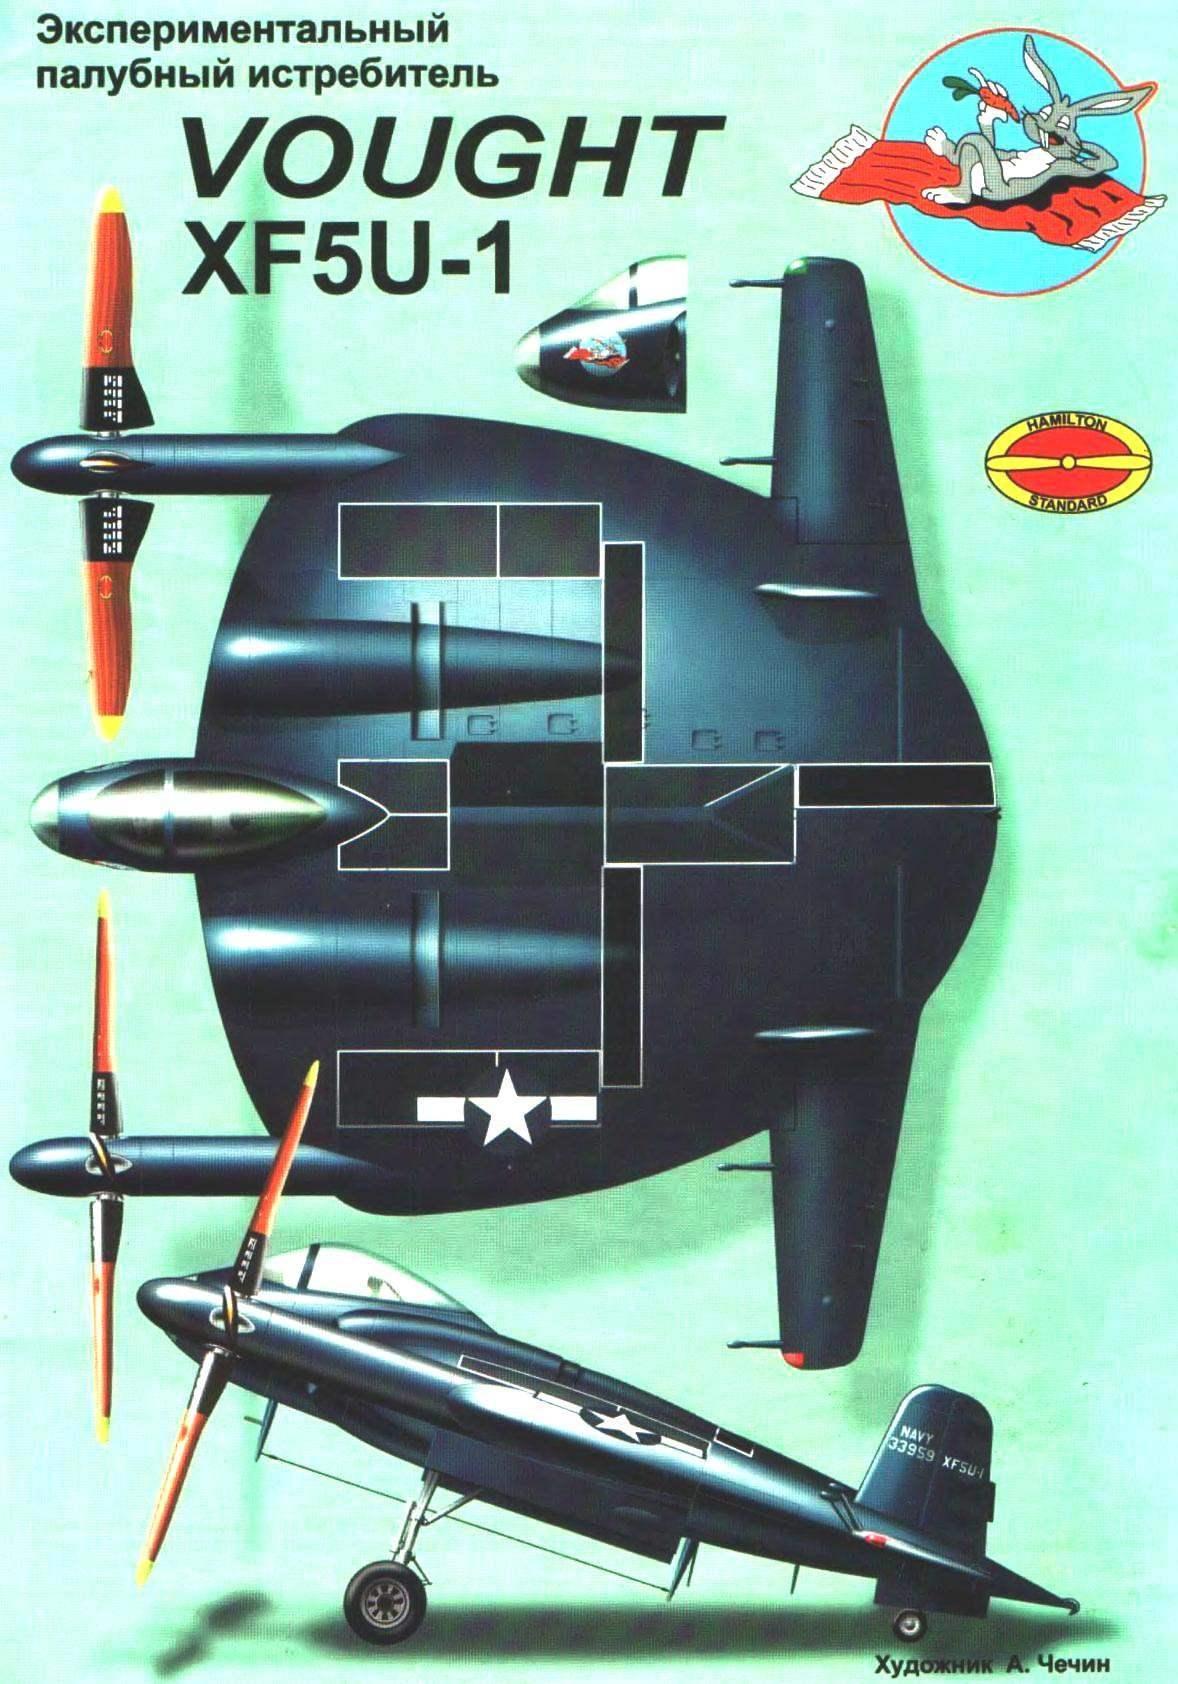 XF5U-1